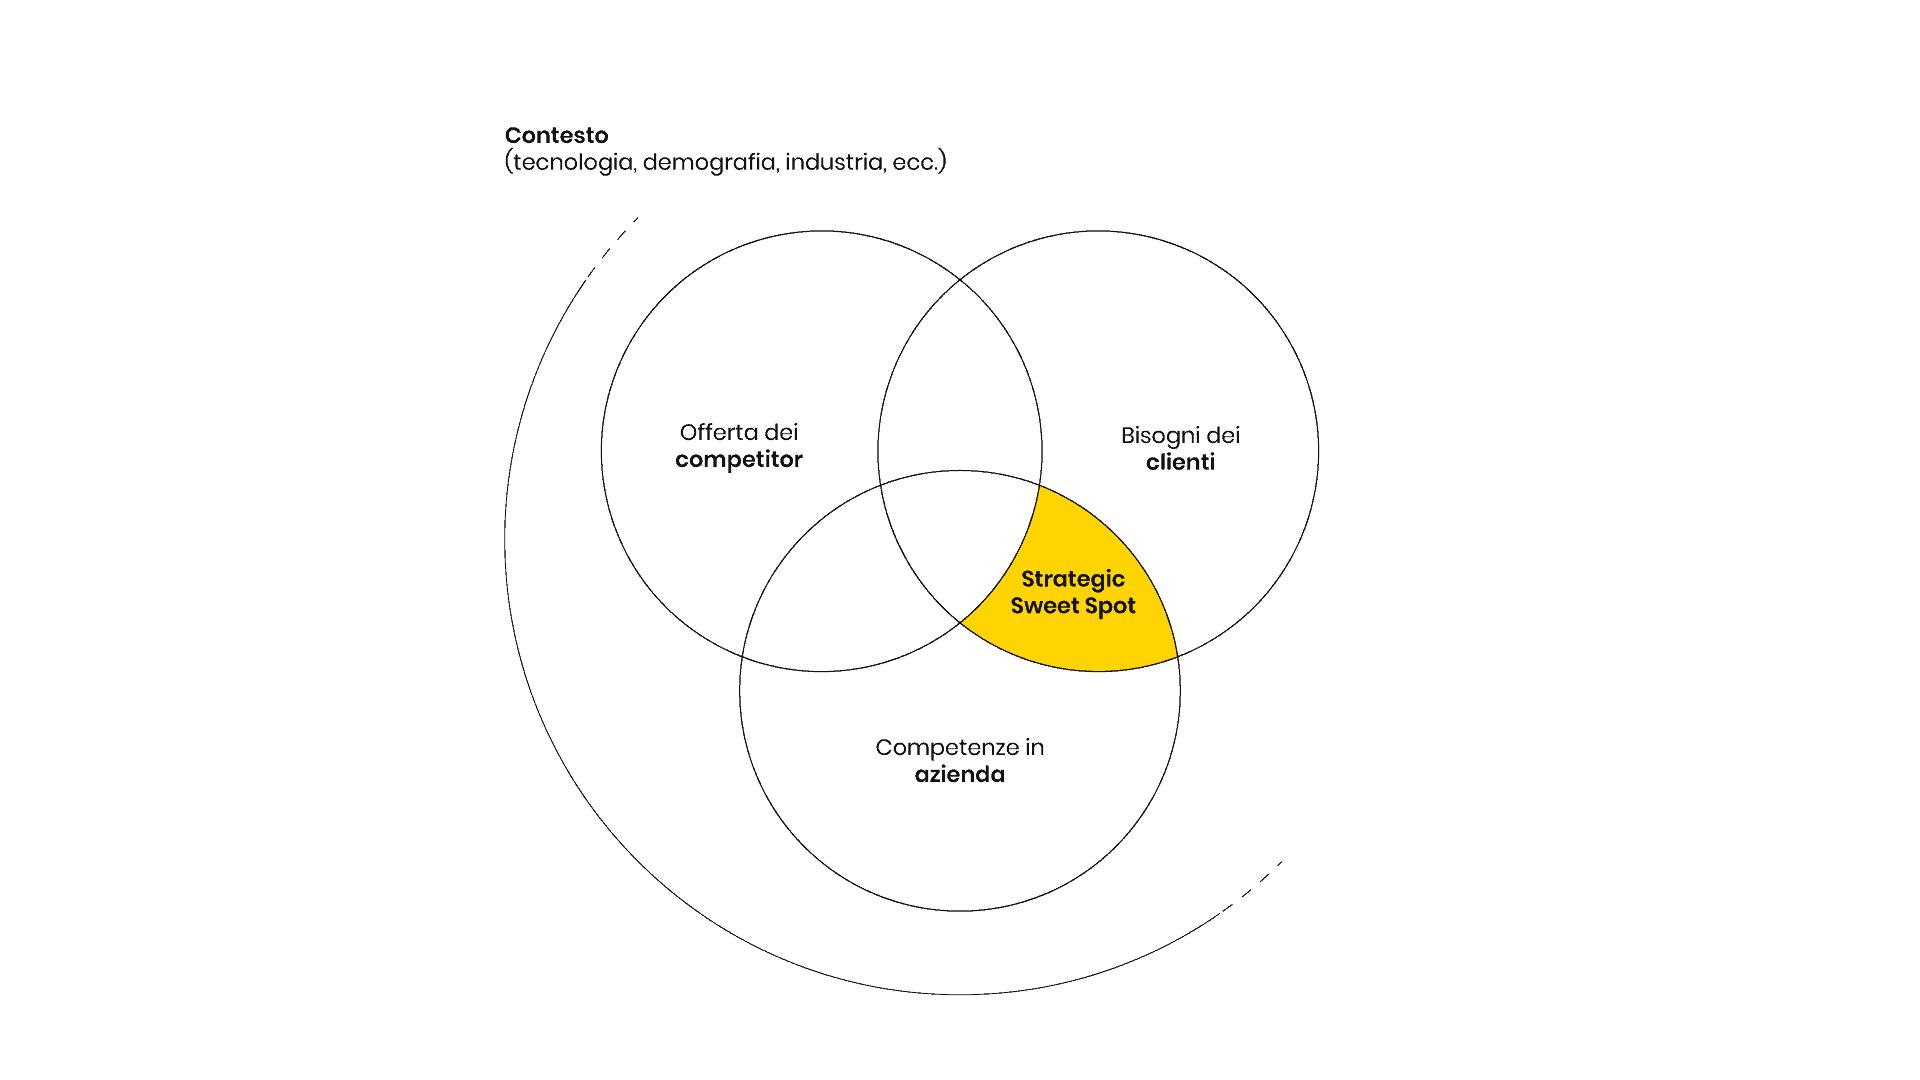 Strategic sweet spot - Dove i tuoi competitor non possono raggiungerti